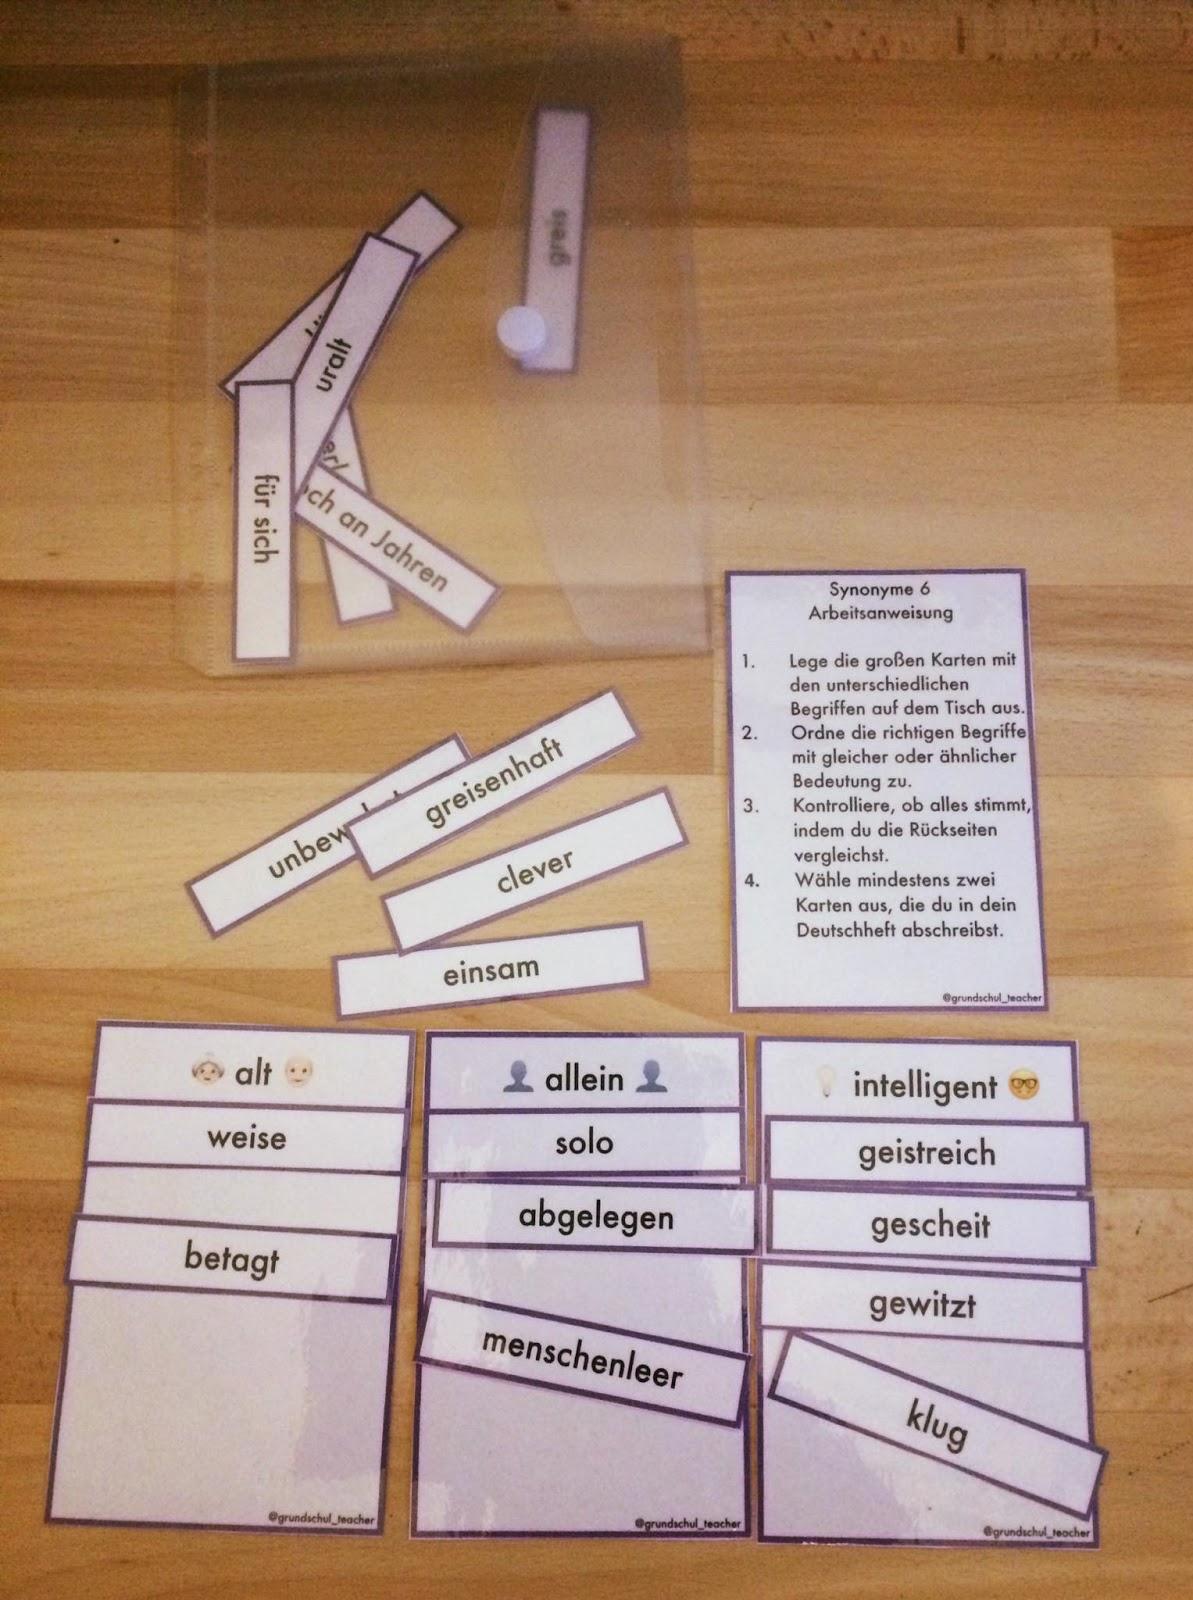 Synonyme hnliche bedeutungen aktiv lernen teil 5 6 7 - Helfen synonym ...